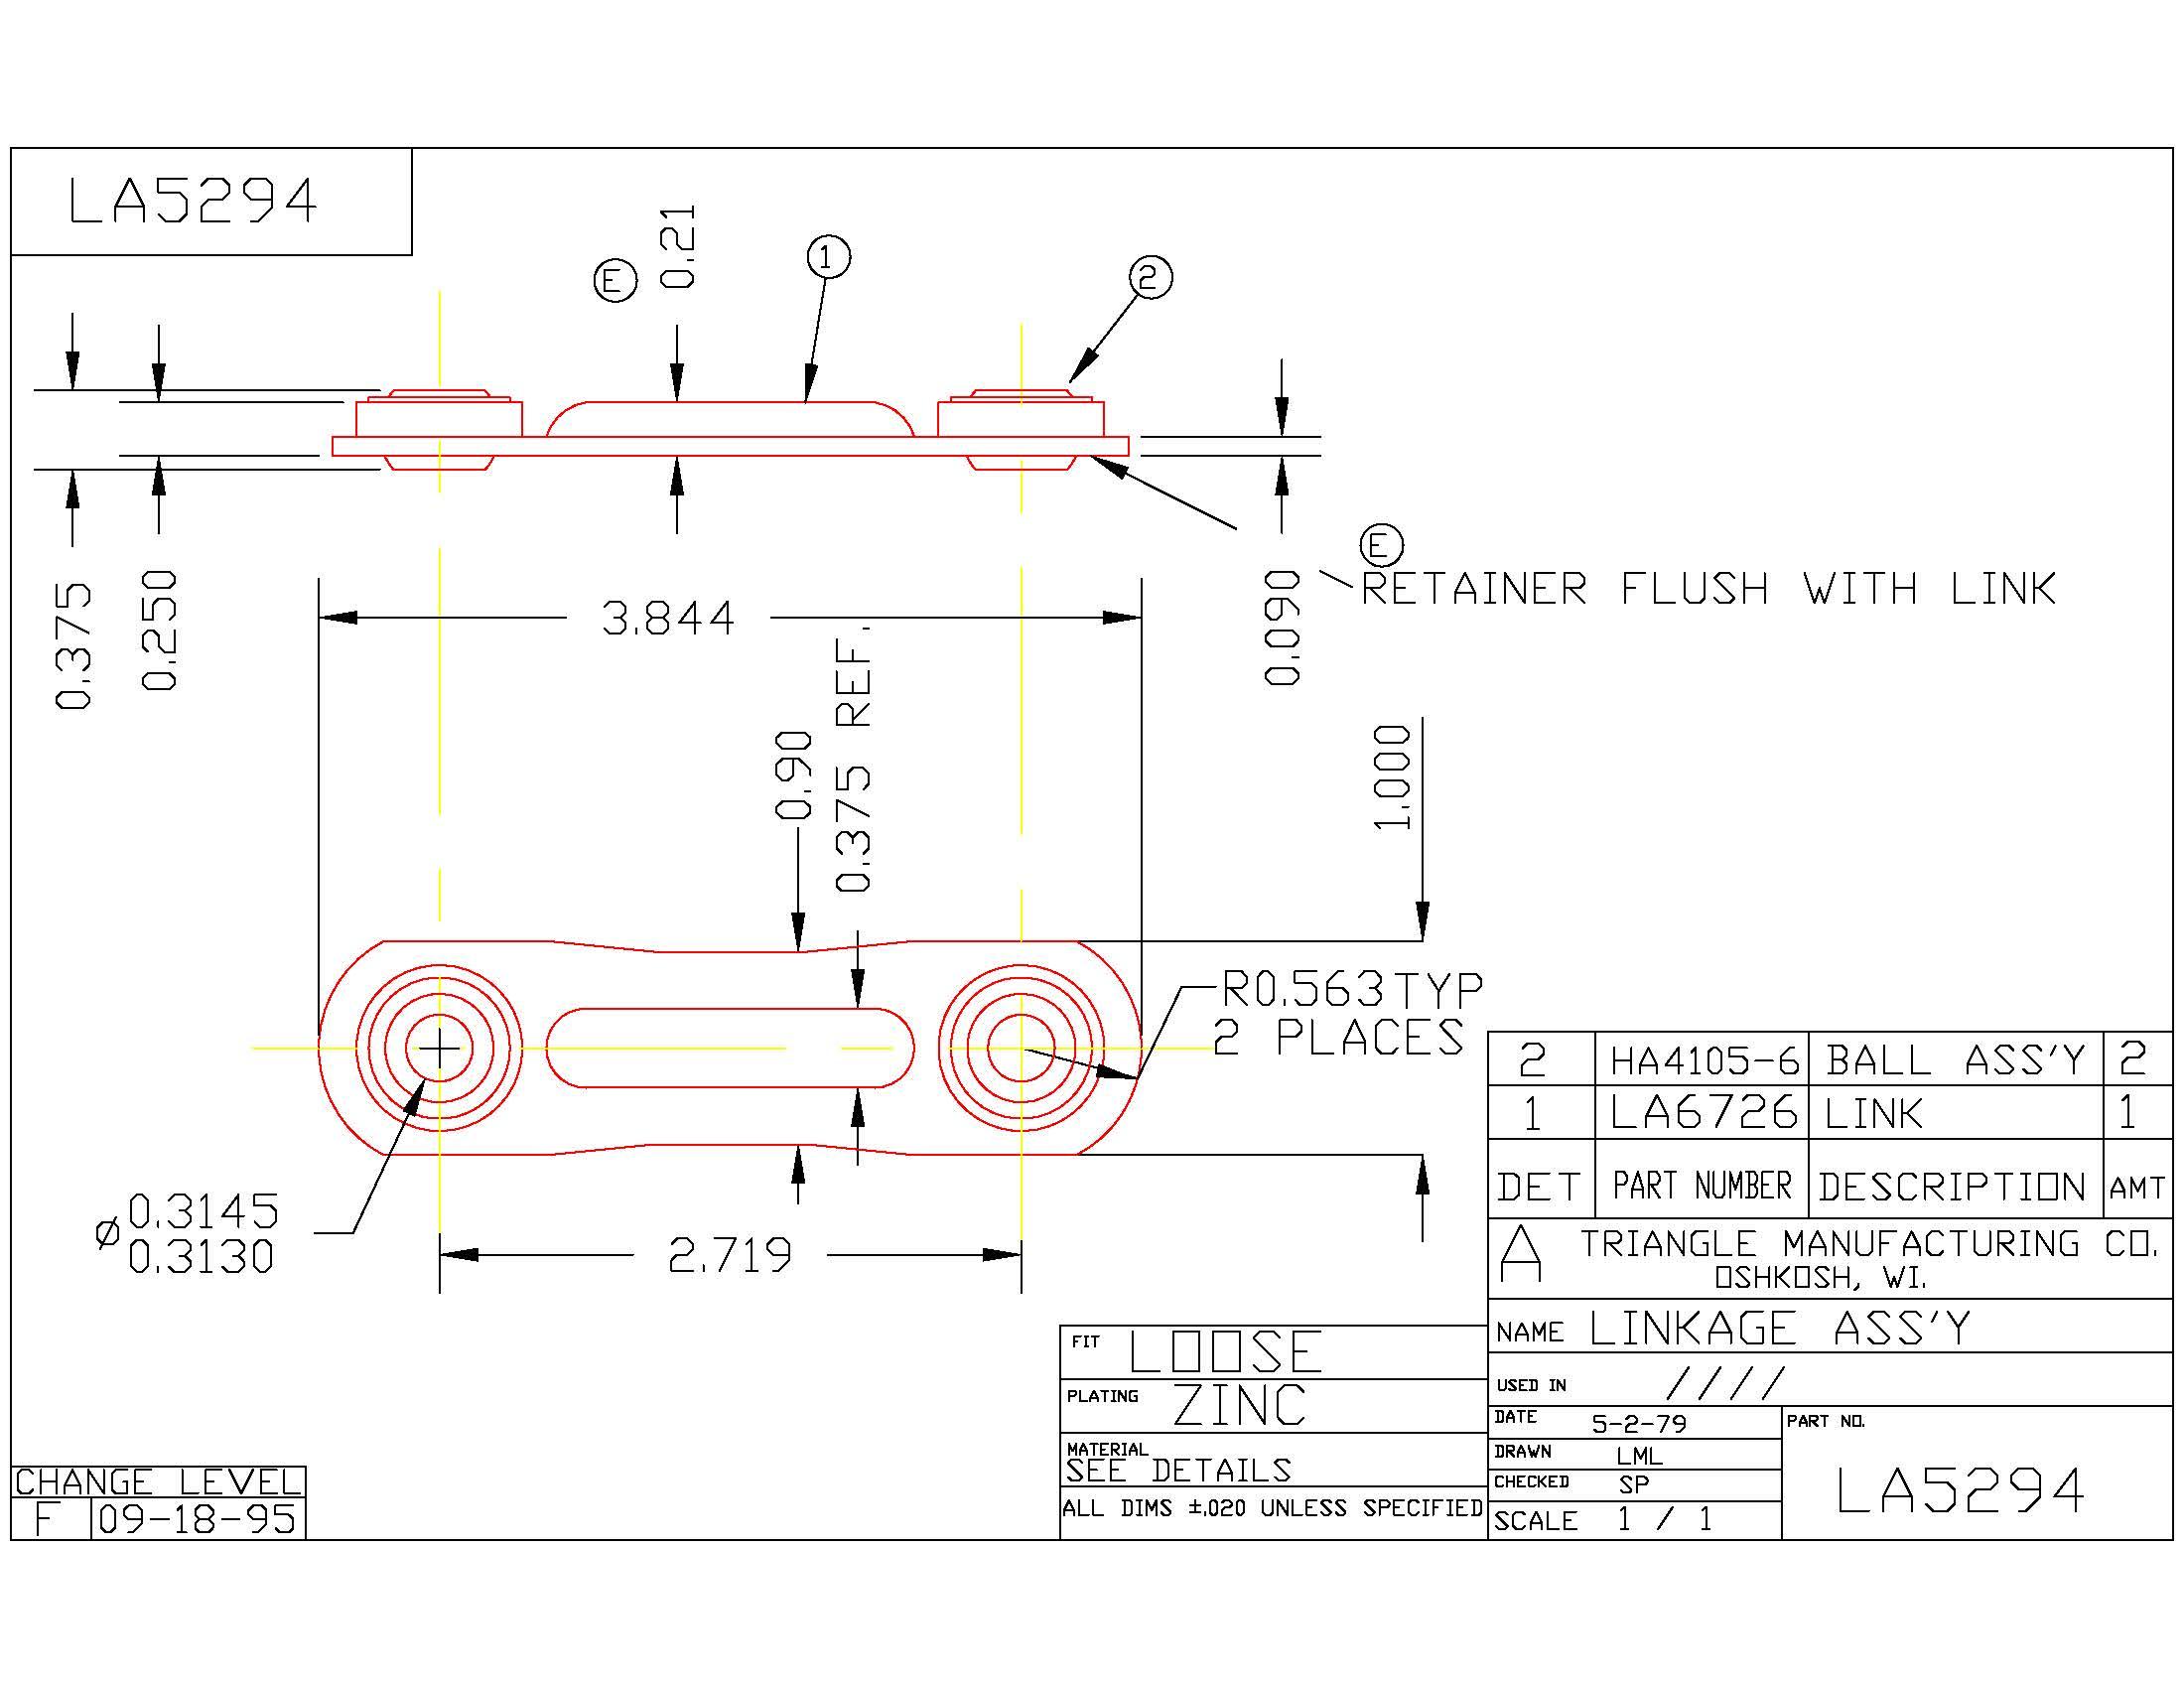 Linkage Assembly LA5294